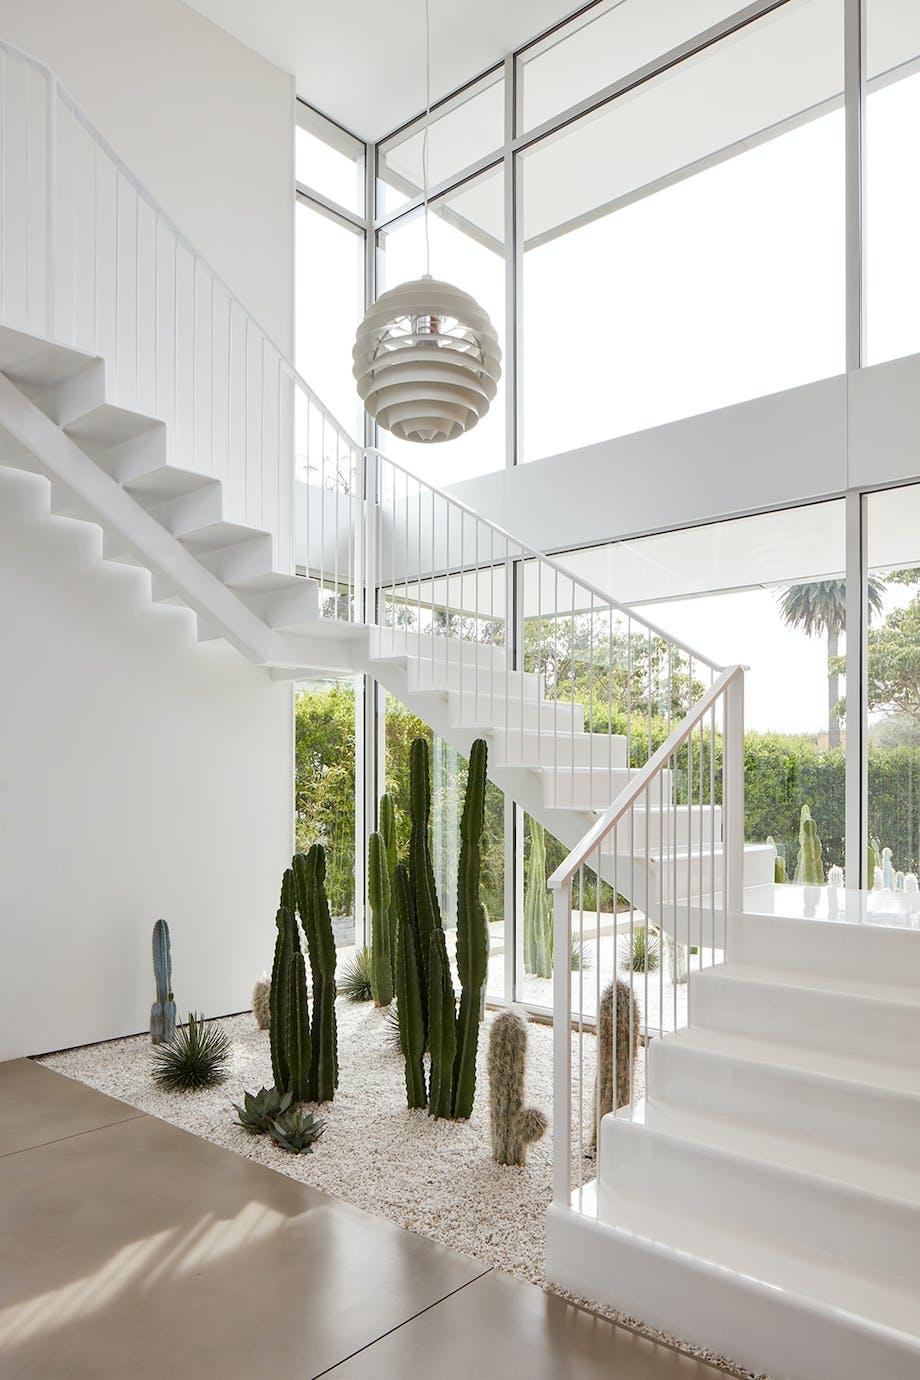 Dansk designlampe over have af kaktus